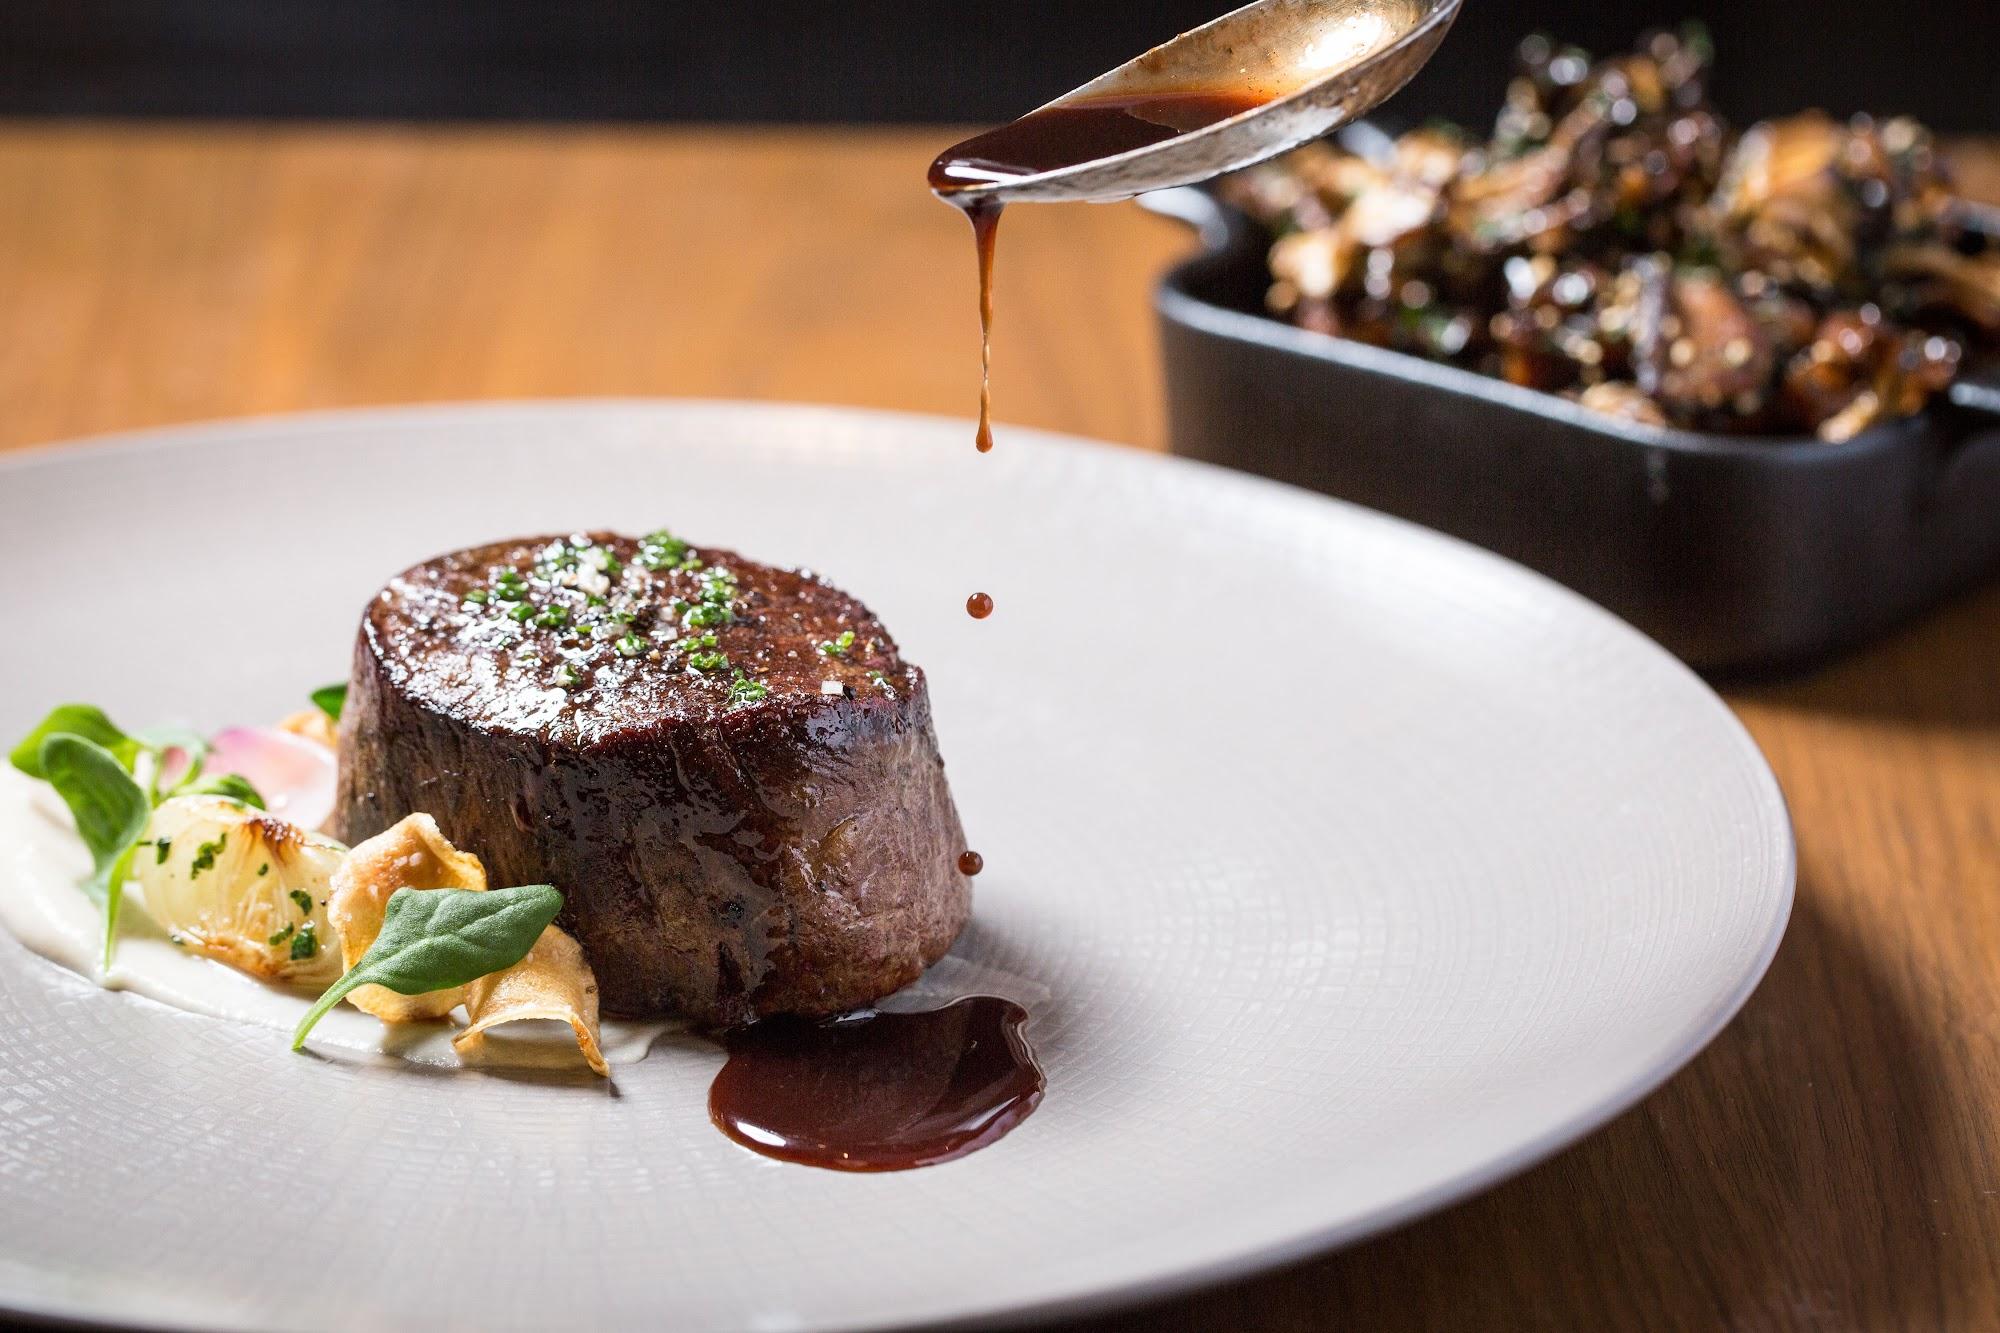 Bourbon Steak Seattle 1433 4th Ave, Seattle